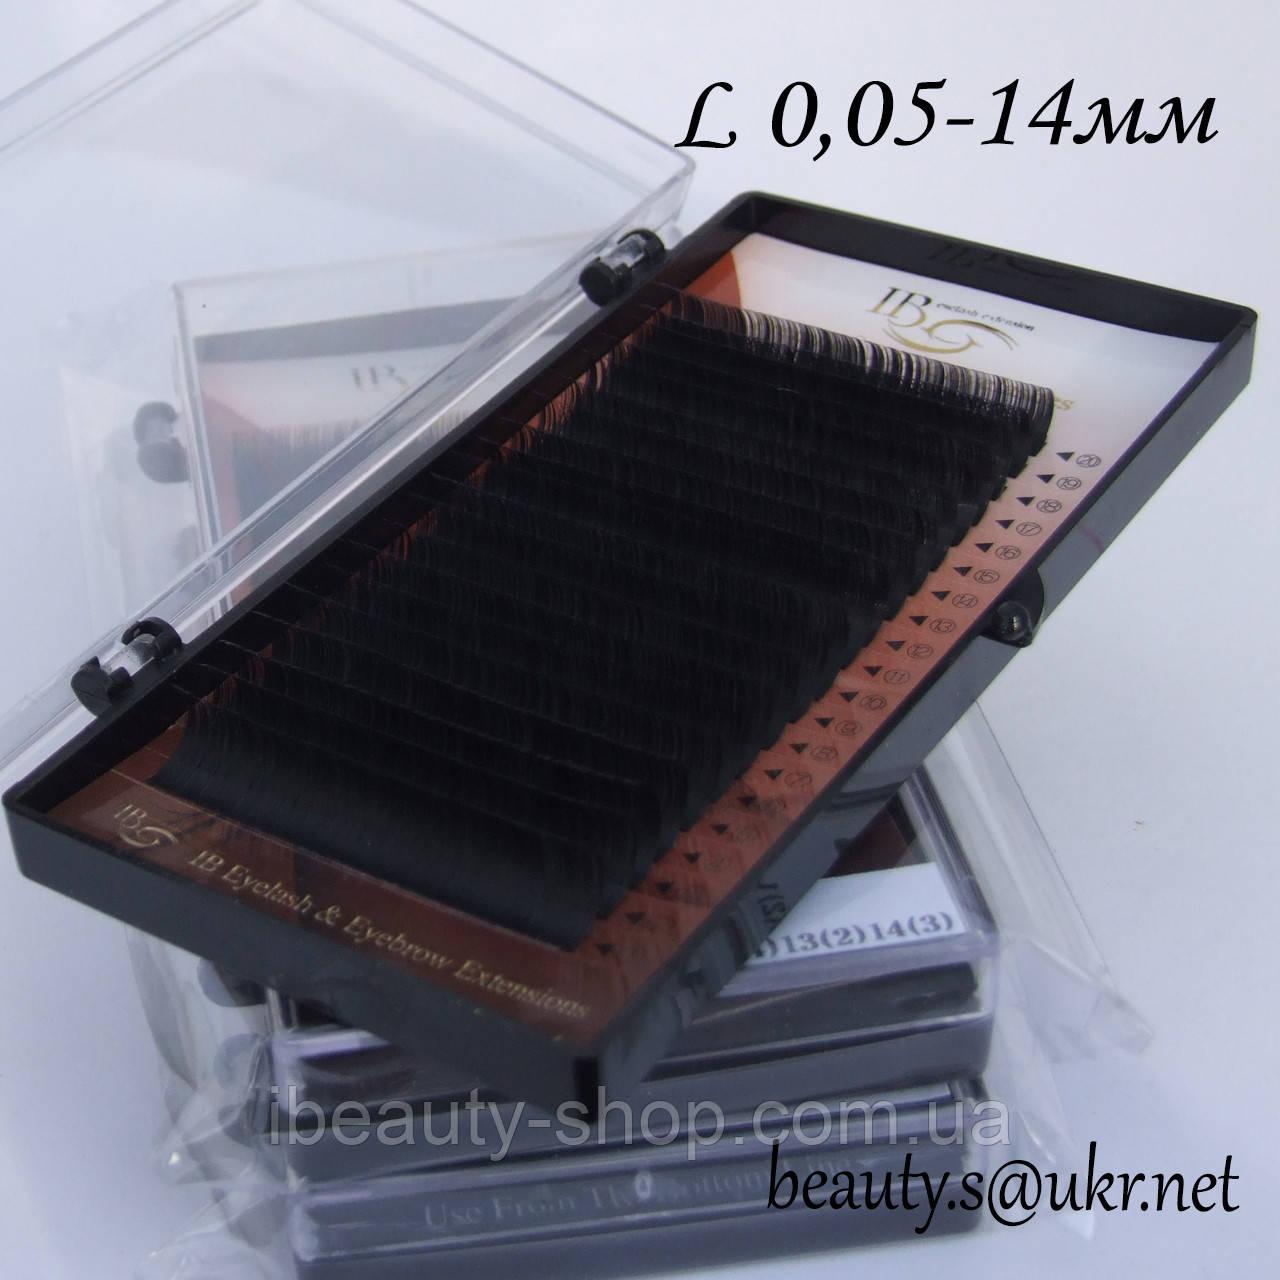 Ресницы  I-Beauty на ленте L-0,05 14мм